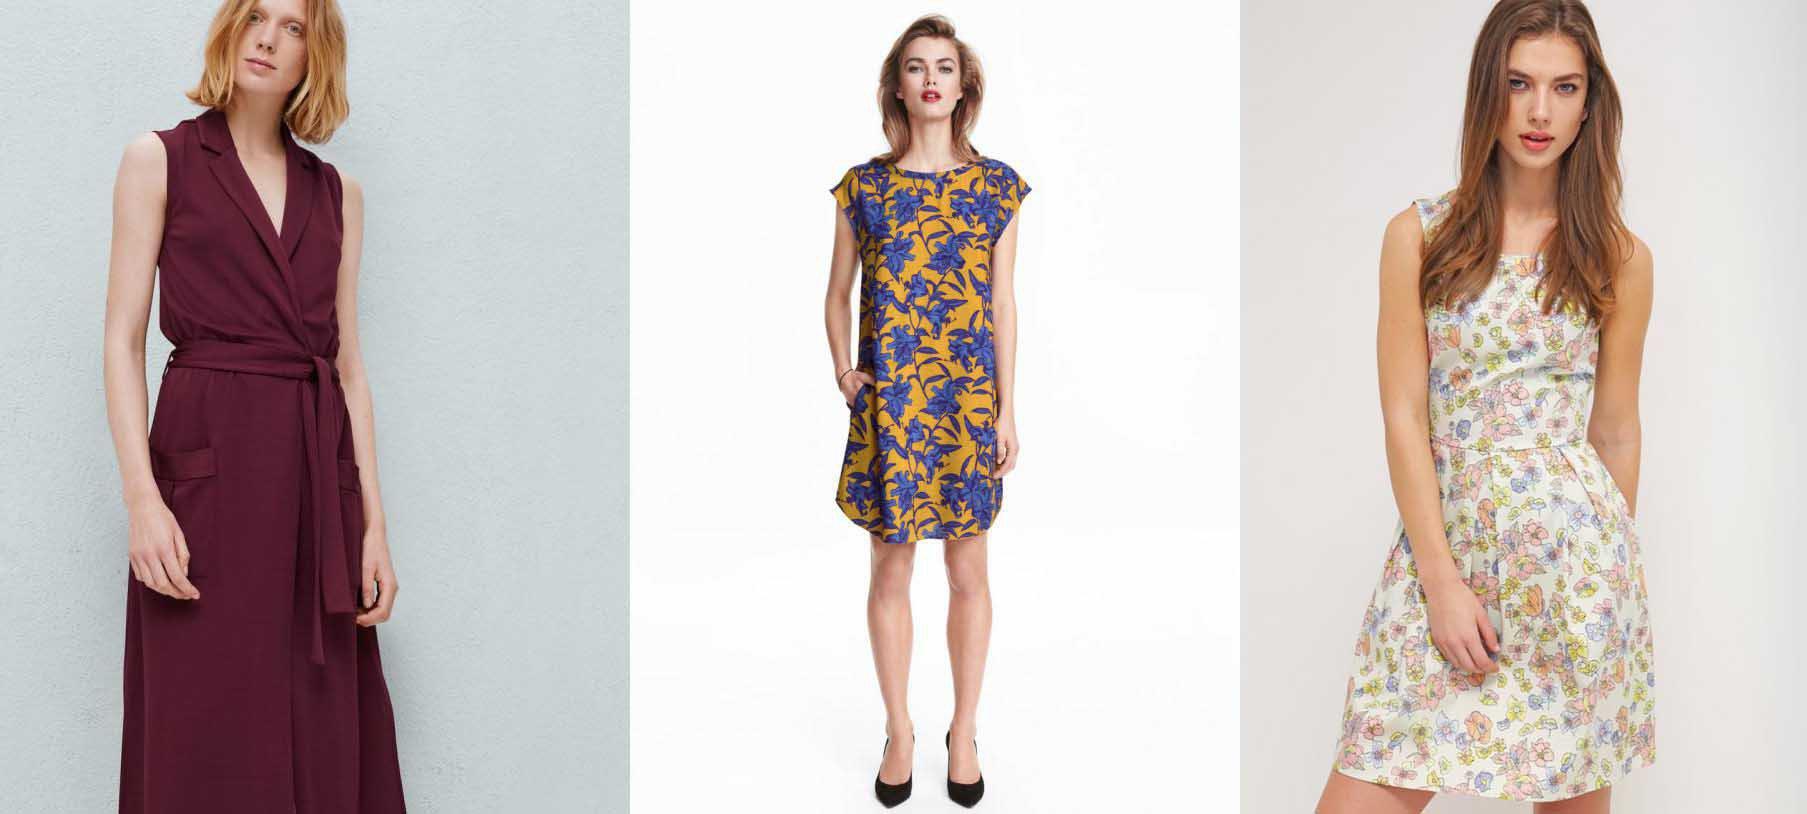 Shoppen: 12x zomerse jurken met zakken